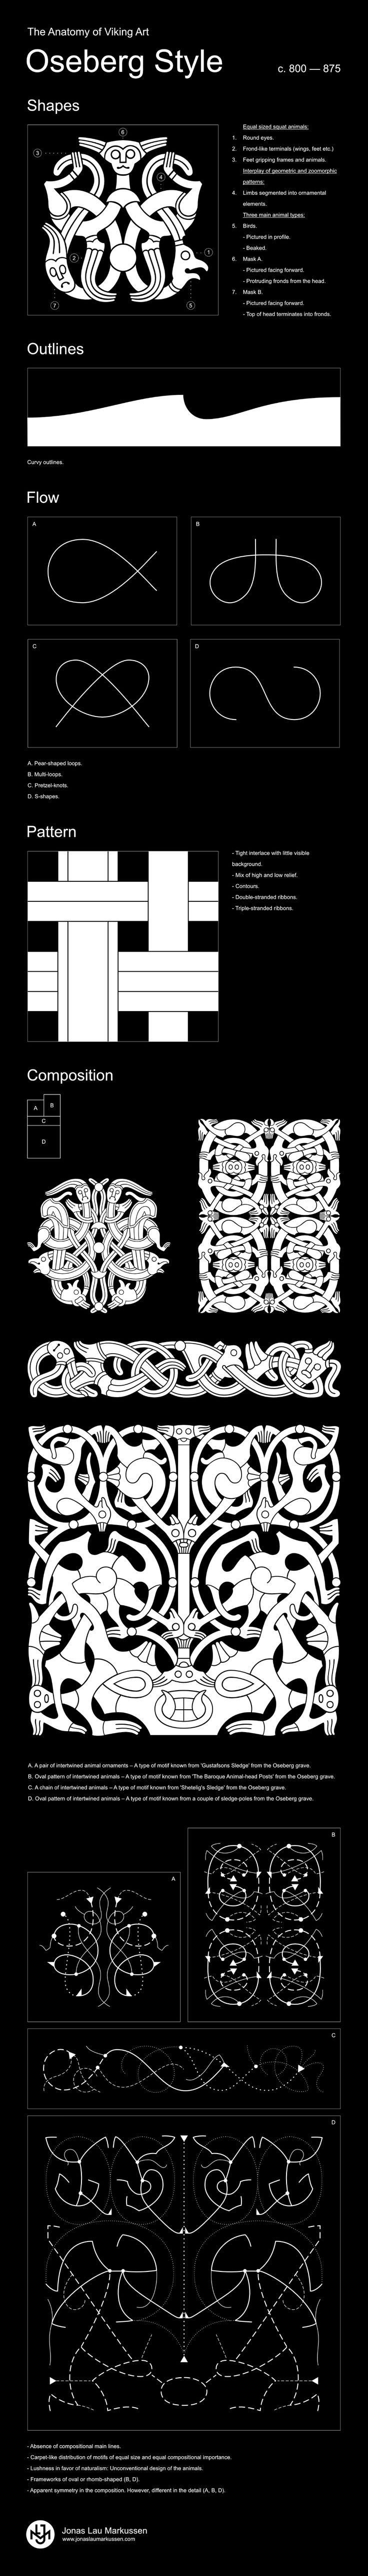 The Anatomy of Viking Art: Oseberg Style